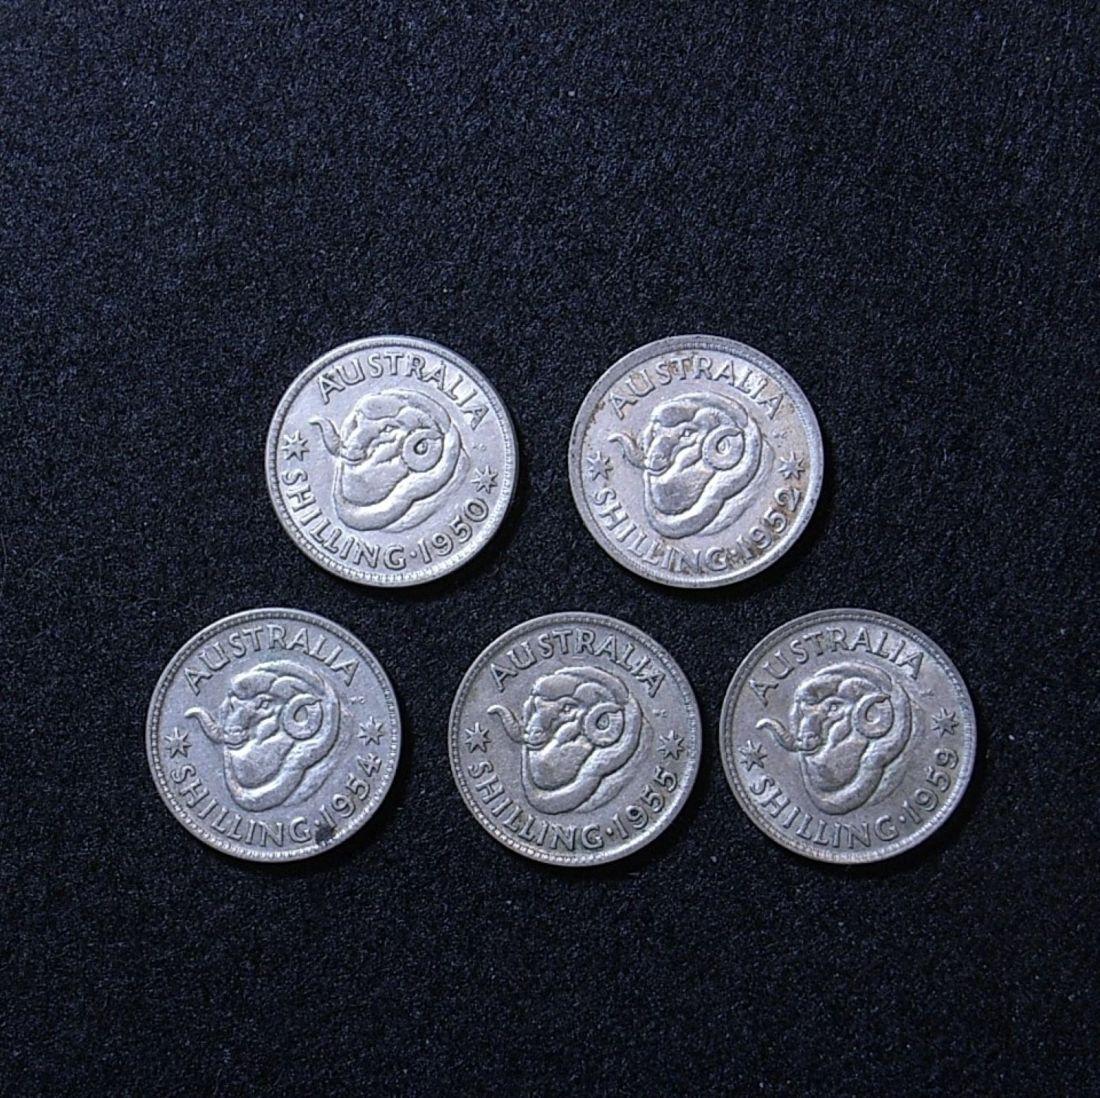 Aus Shillings 50s reverse